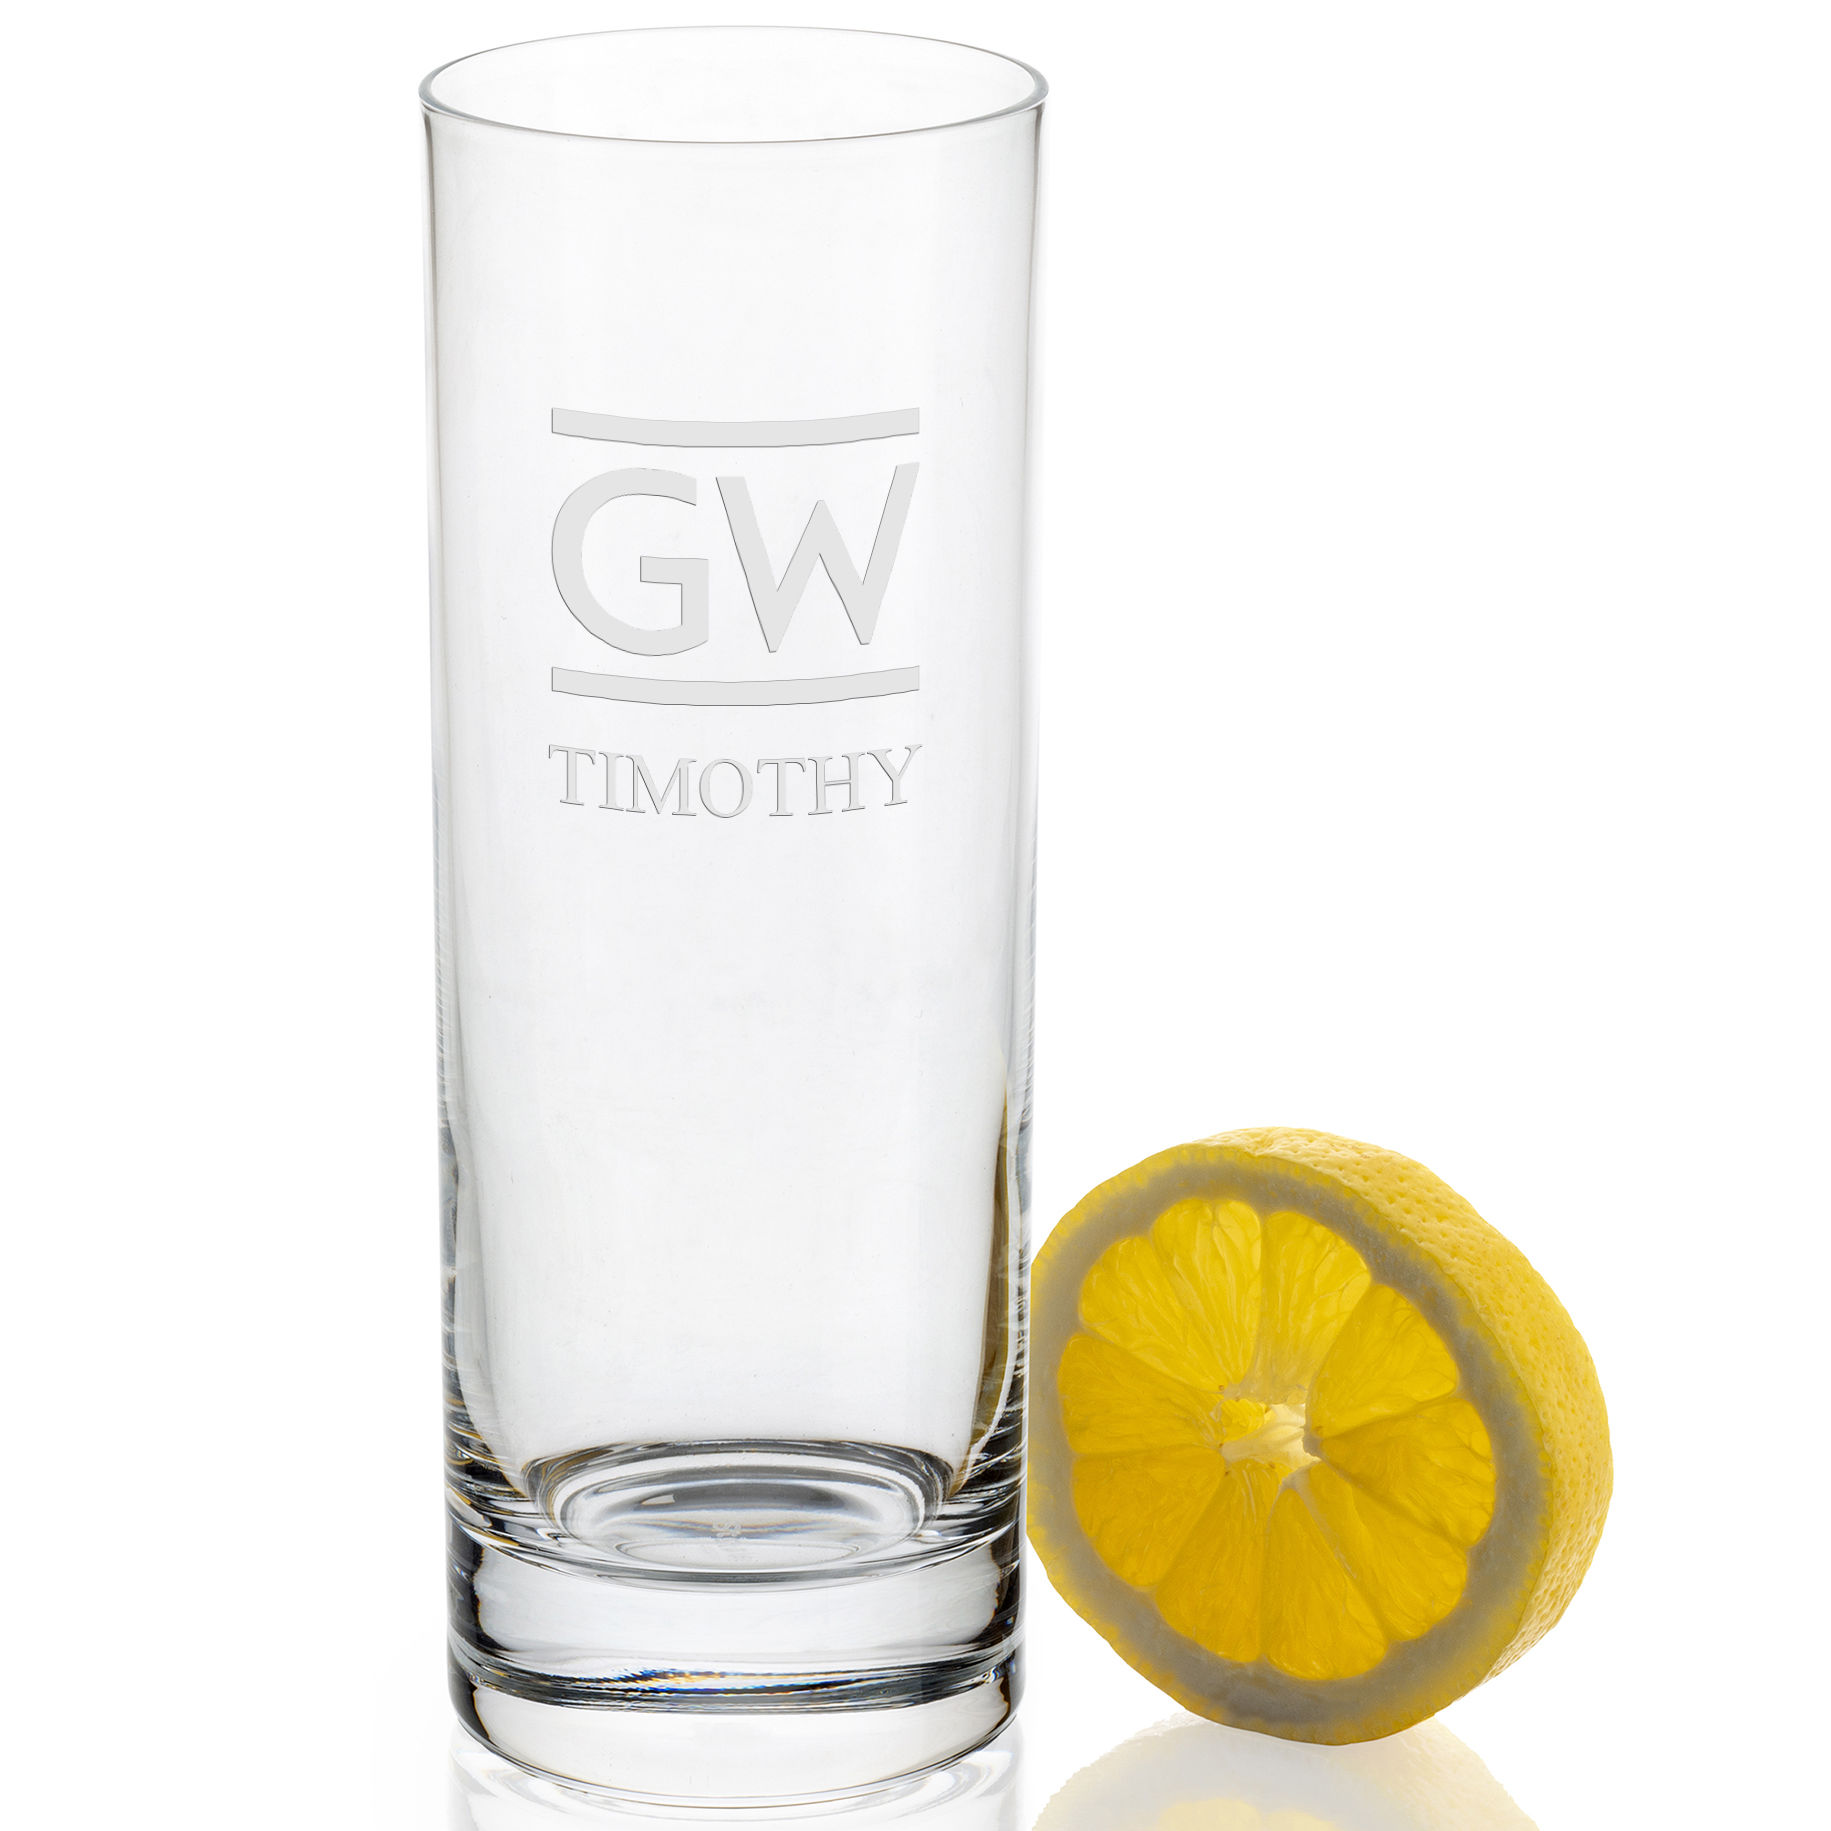 George Washington University Iced Beverage Glasses - Set of 2 - Image 2